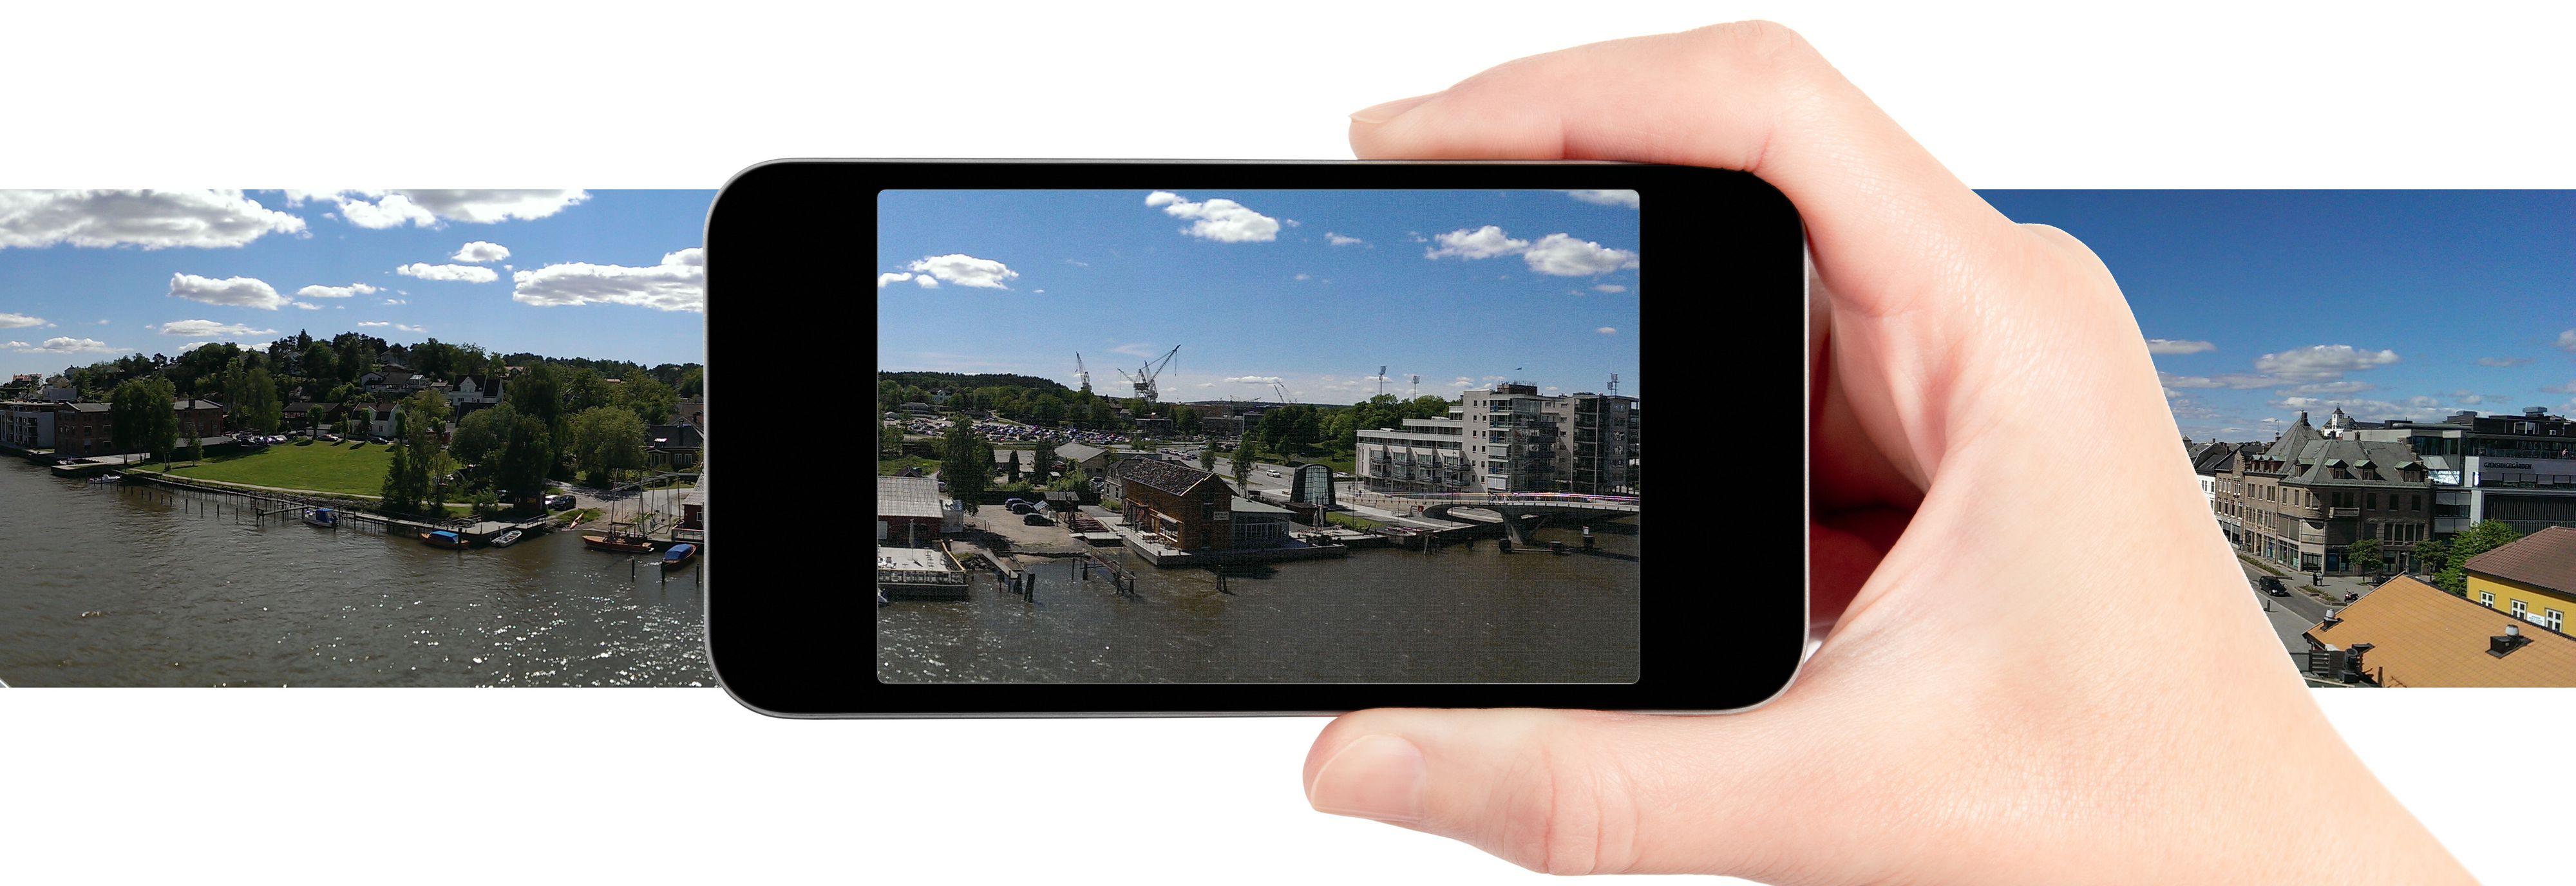 De fleste nyere mobiler har en panoramafunksjon. Har den ikke det, finnes det også panorama-apper du kan laste ned. Foto: Shutterstock / Kurt Lekanger / Montasje